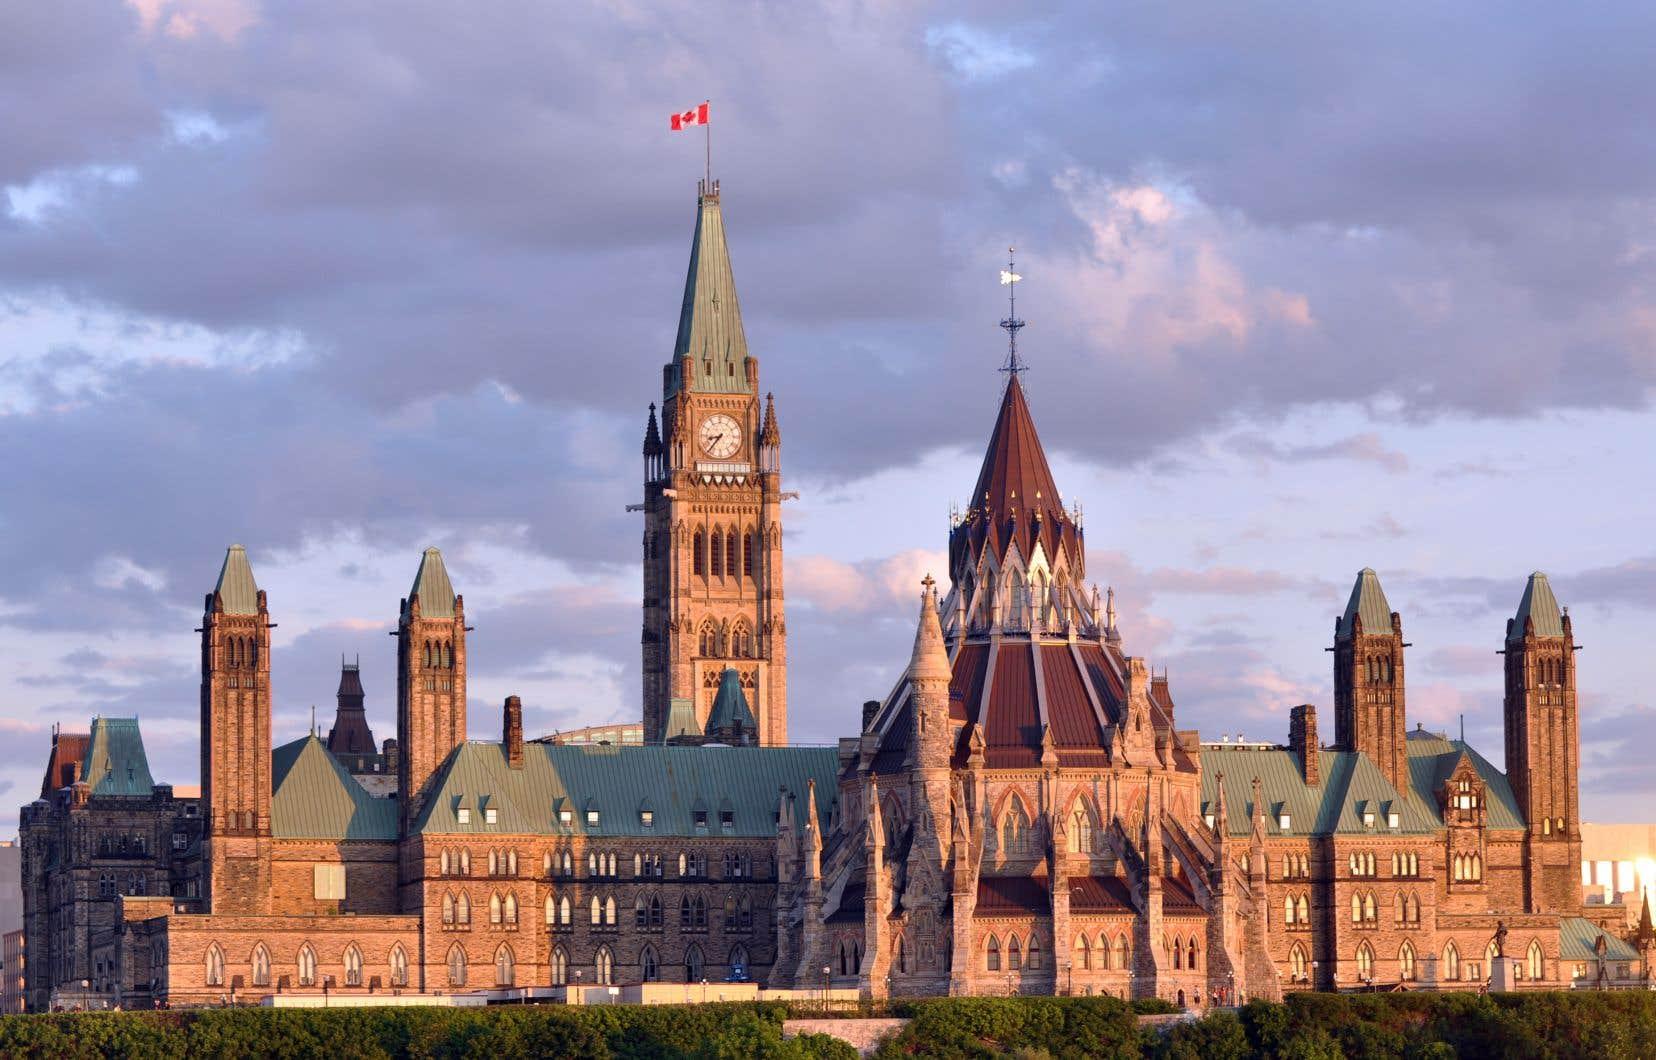 Ottawa pourrait emprunter moins s'il révisait sa fiscalité et faisait un peu de ménage dans ce qu'on appelle les dépenses fiscales, c'est-à-dire ces crédits, exemptions, reports et exonérations d'impôt qui privent le gouvernement fédéral d'environ 160milliards par année.